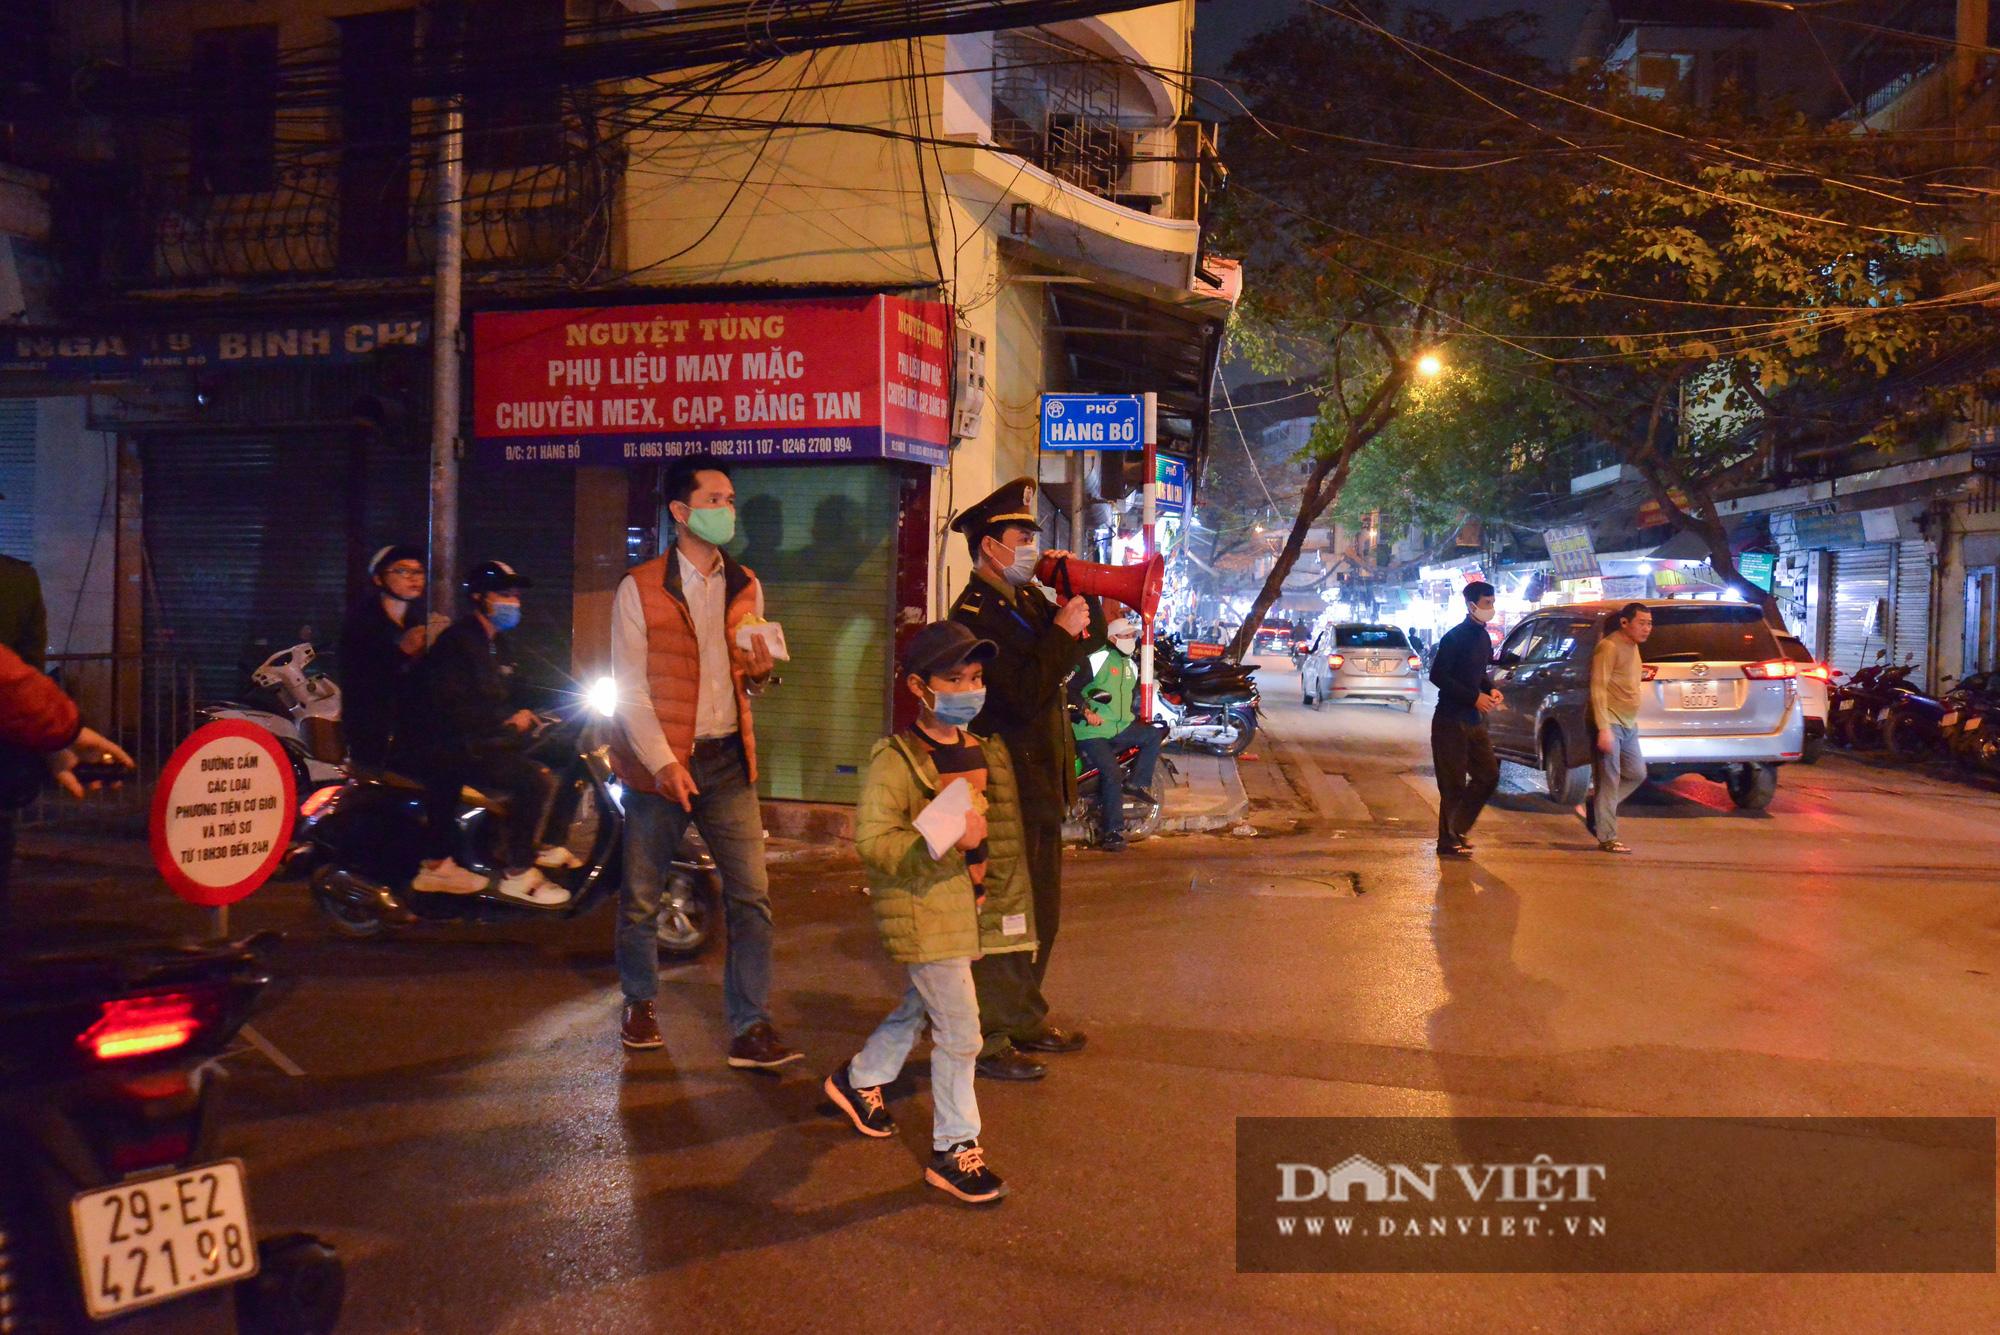 Dân phố cổ cảm thấy bất tiện khi Hà Nội mở rộng thêm 8 tuyến phố đi bộ - Ảnh 3.